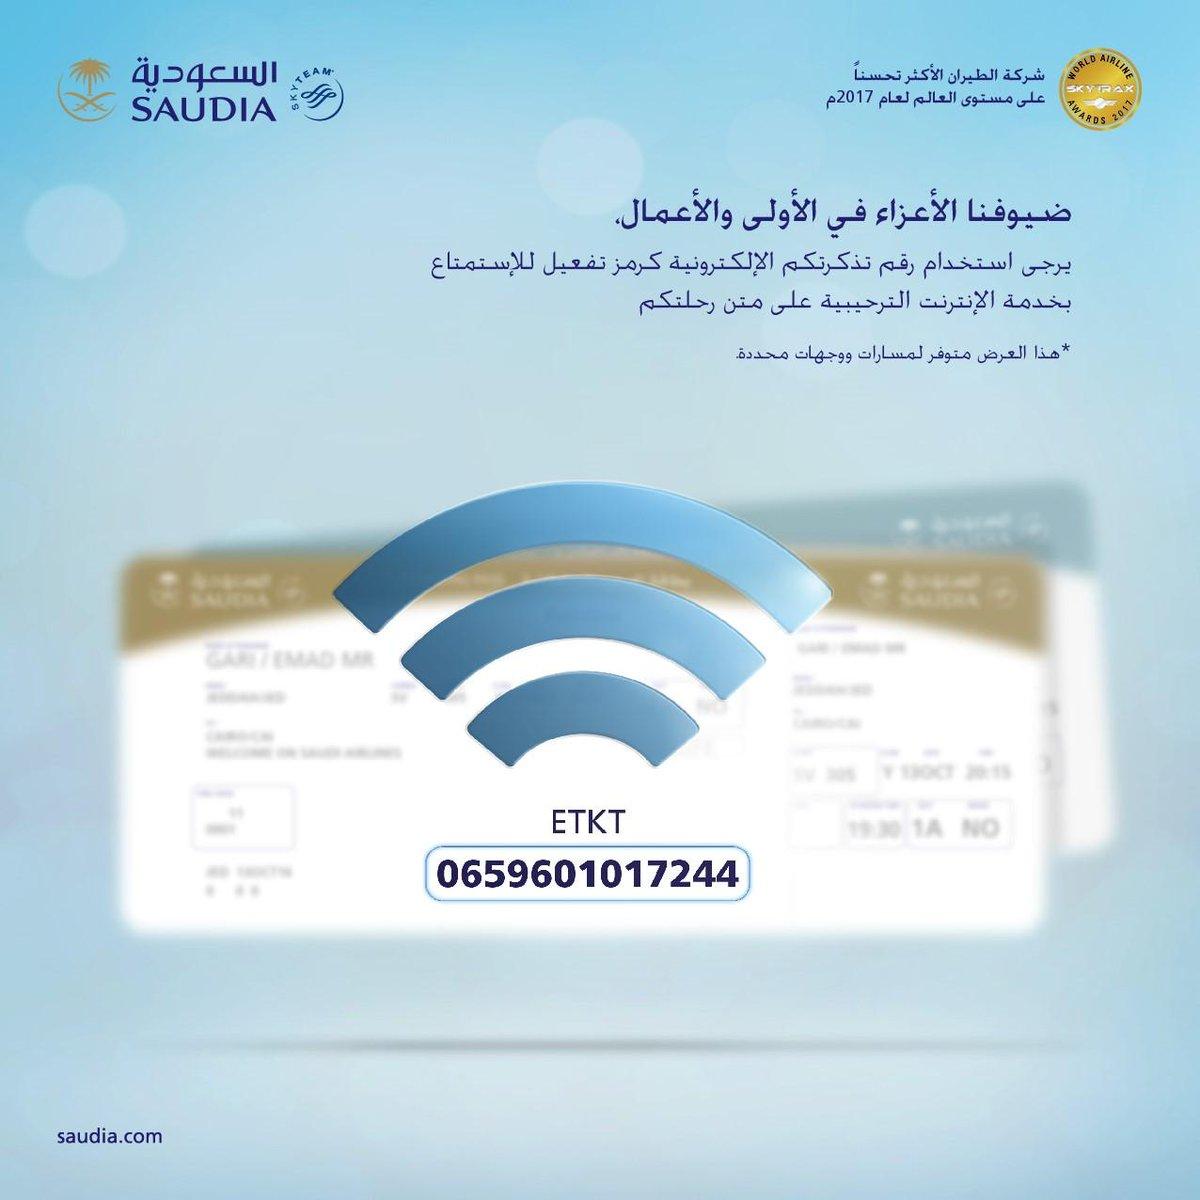 السعودية Saudia On Twitter وعليكم السلام ضيفنا العزيز فيما يخص التذاكر الحكومية يرجى التواصل مع مركز مبيعات التذاكر الحكومية 920000488 شكرا لتواصلك